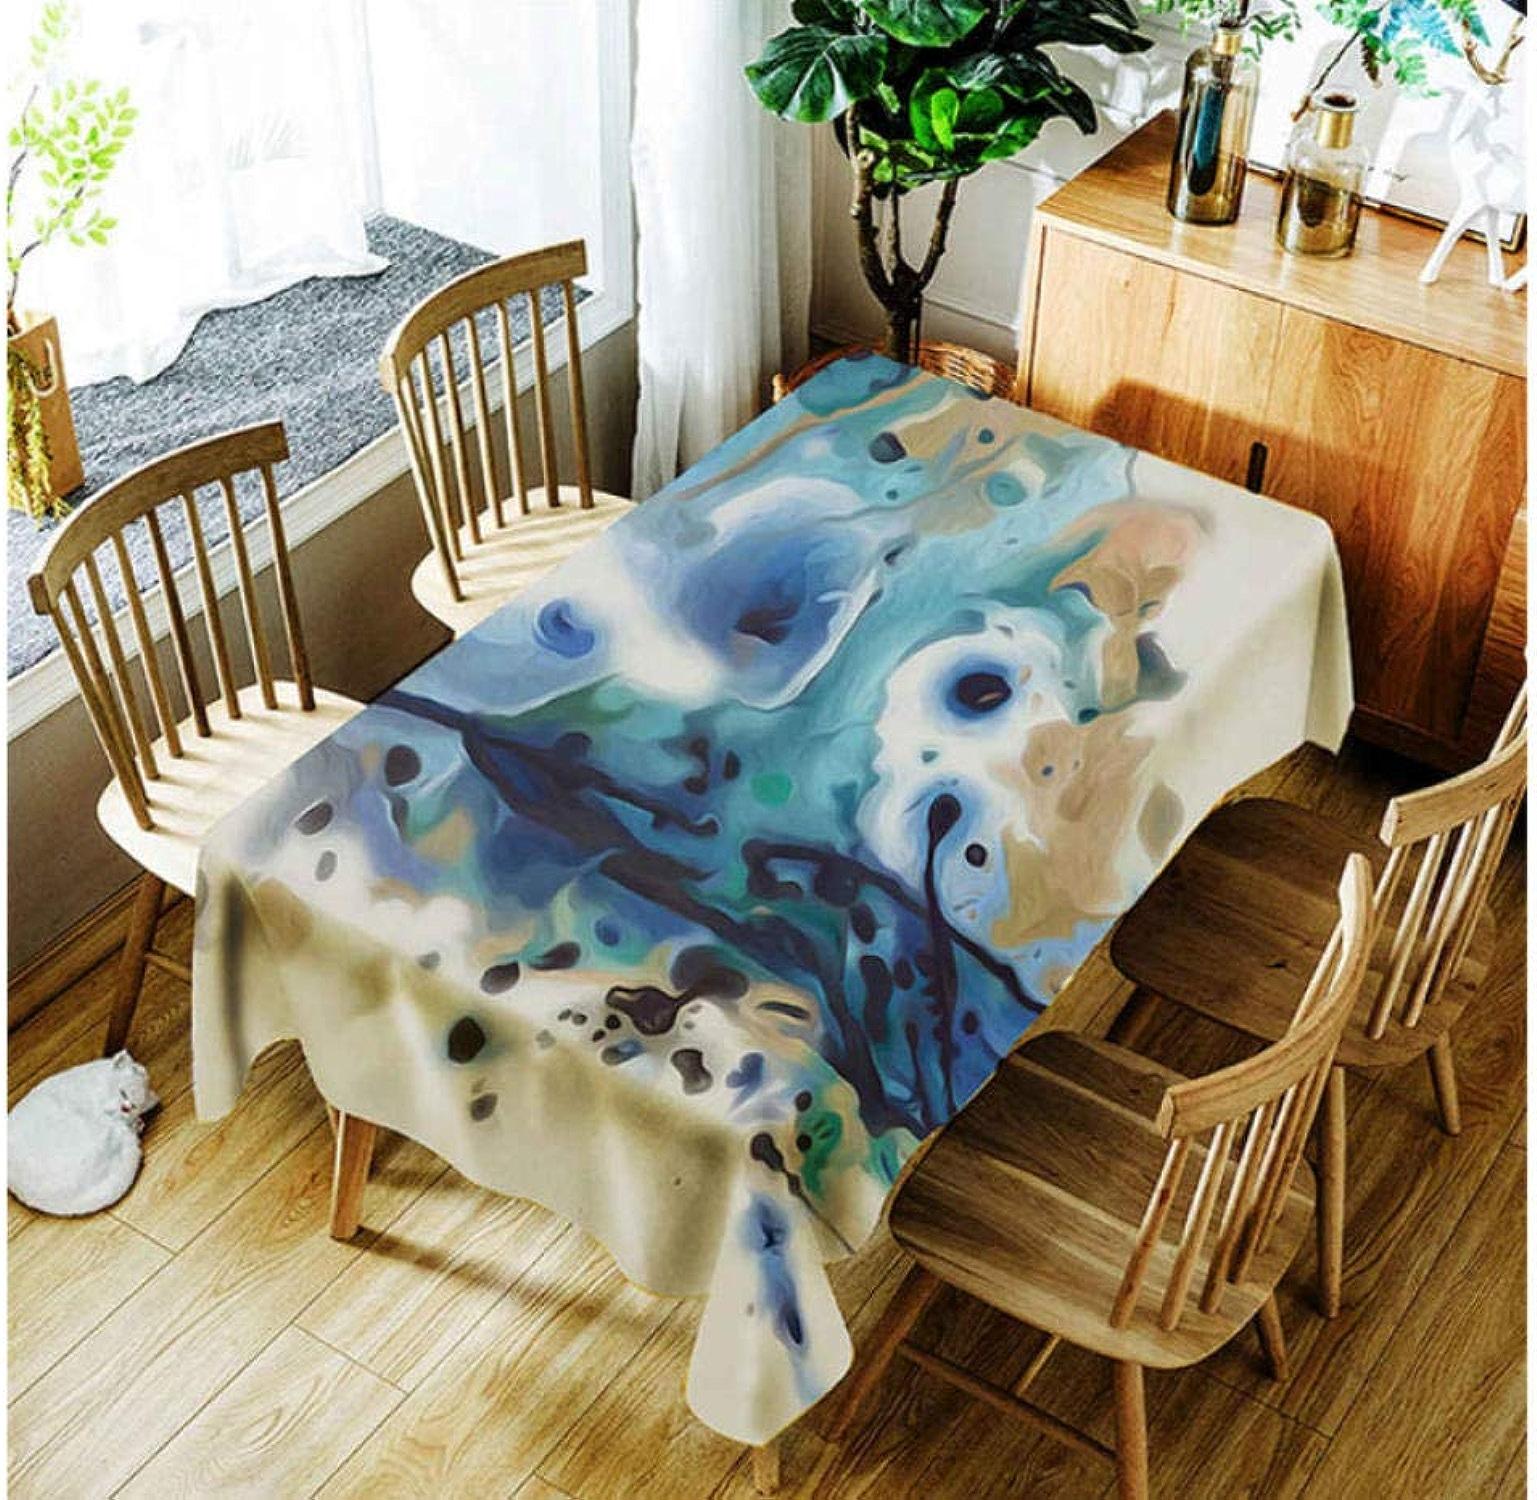 FFYSNN Polyester Tissu 3D Nappe pour Cuisine Restaurant Peinture à L'Encre Abstrait Paysage Motif Table Cloth pour Mariage Restaurant Party Decor140x220cm